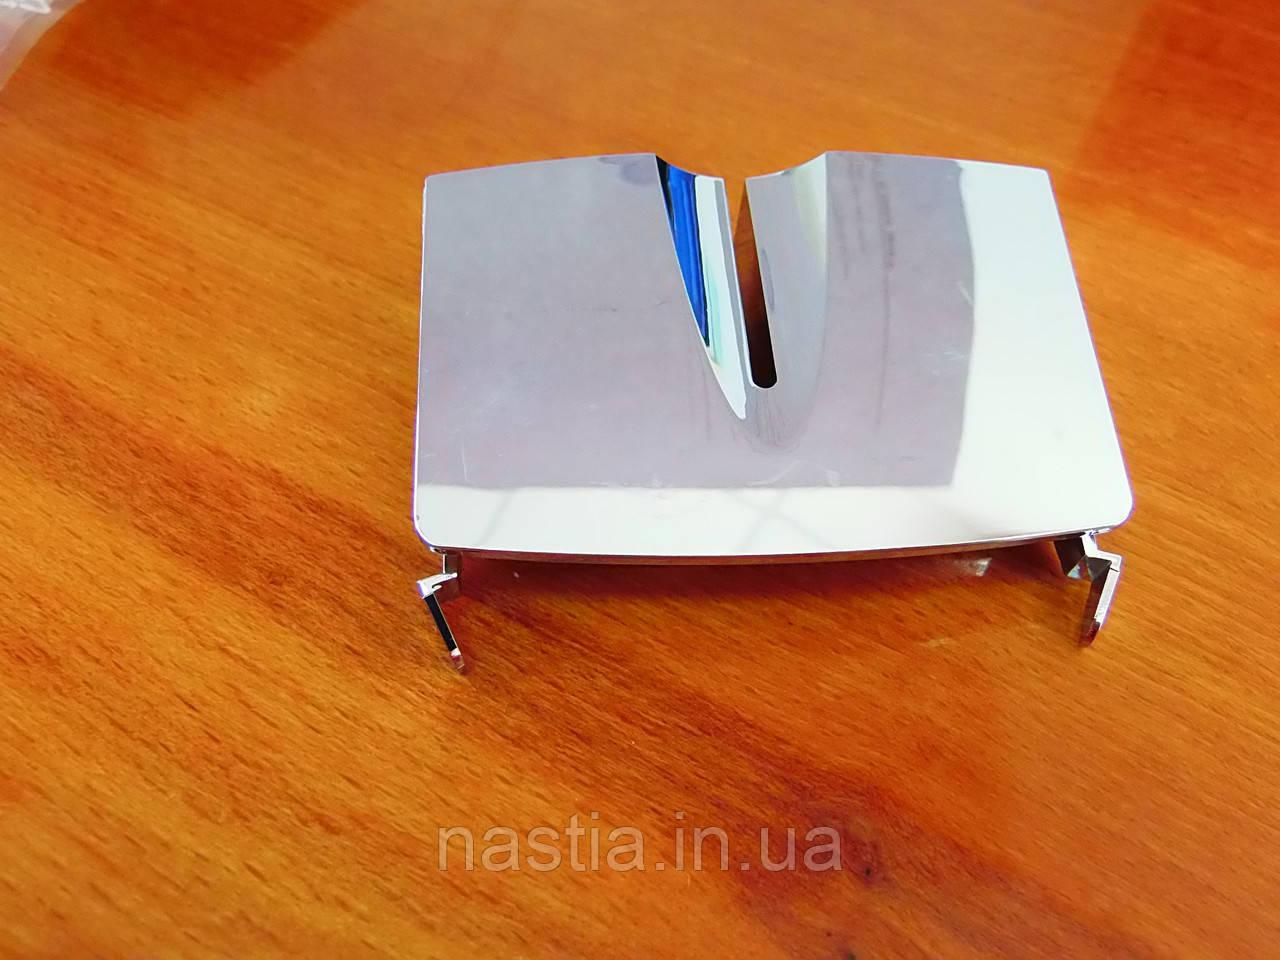 0347.004.430 Флеш панель на носик видачі кави(хромована, новий корпус), Royal